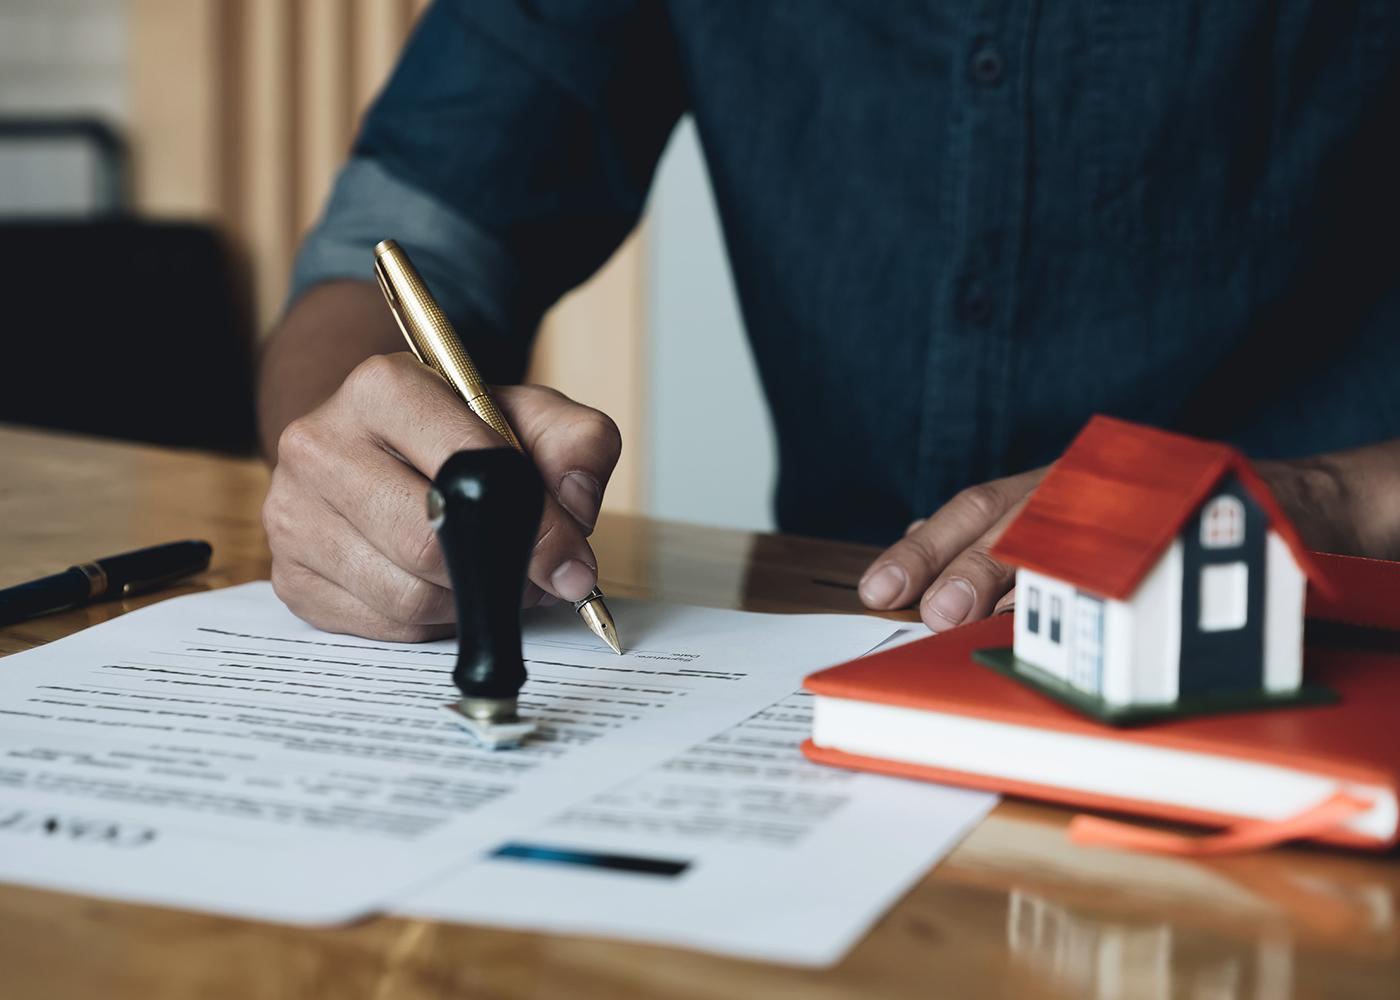 assinar contrato de casa